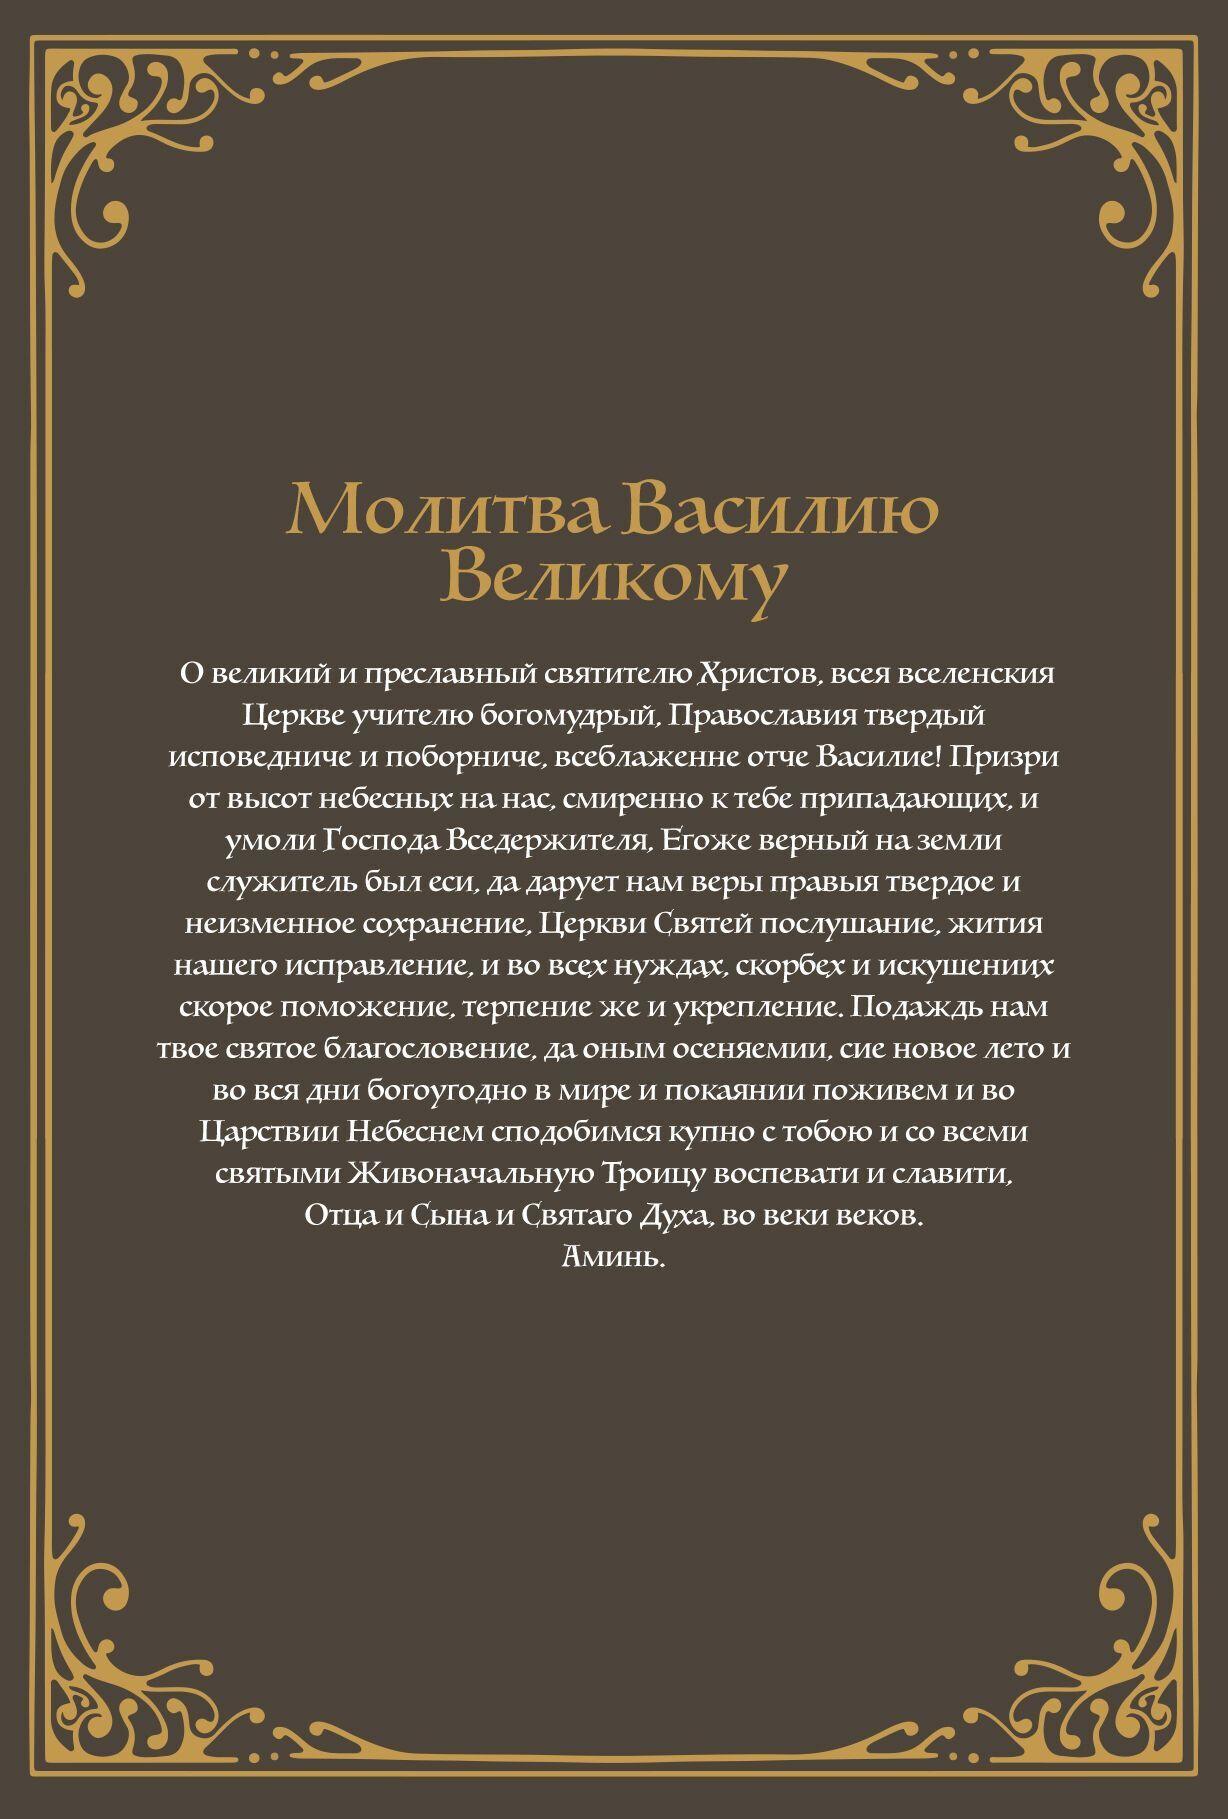 Молитва Василию Великому